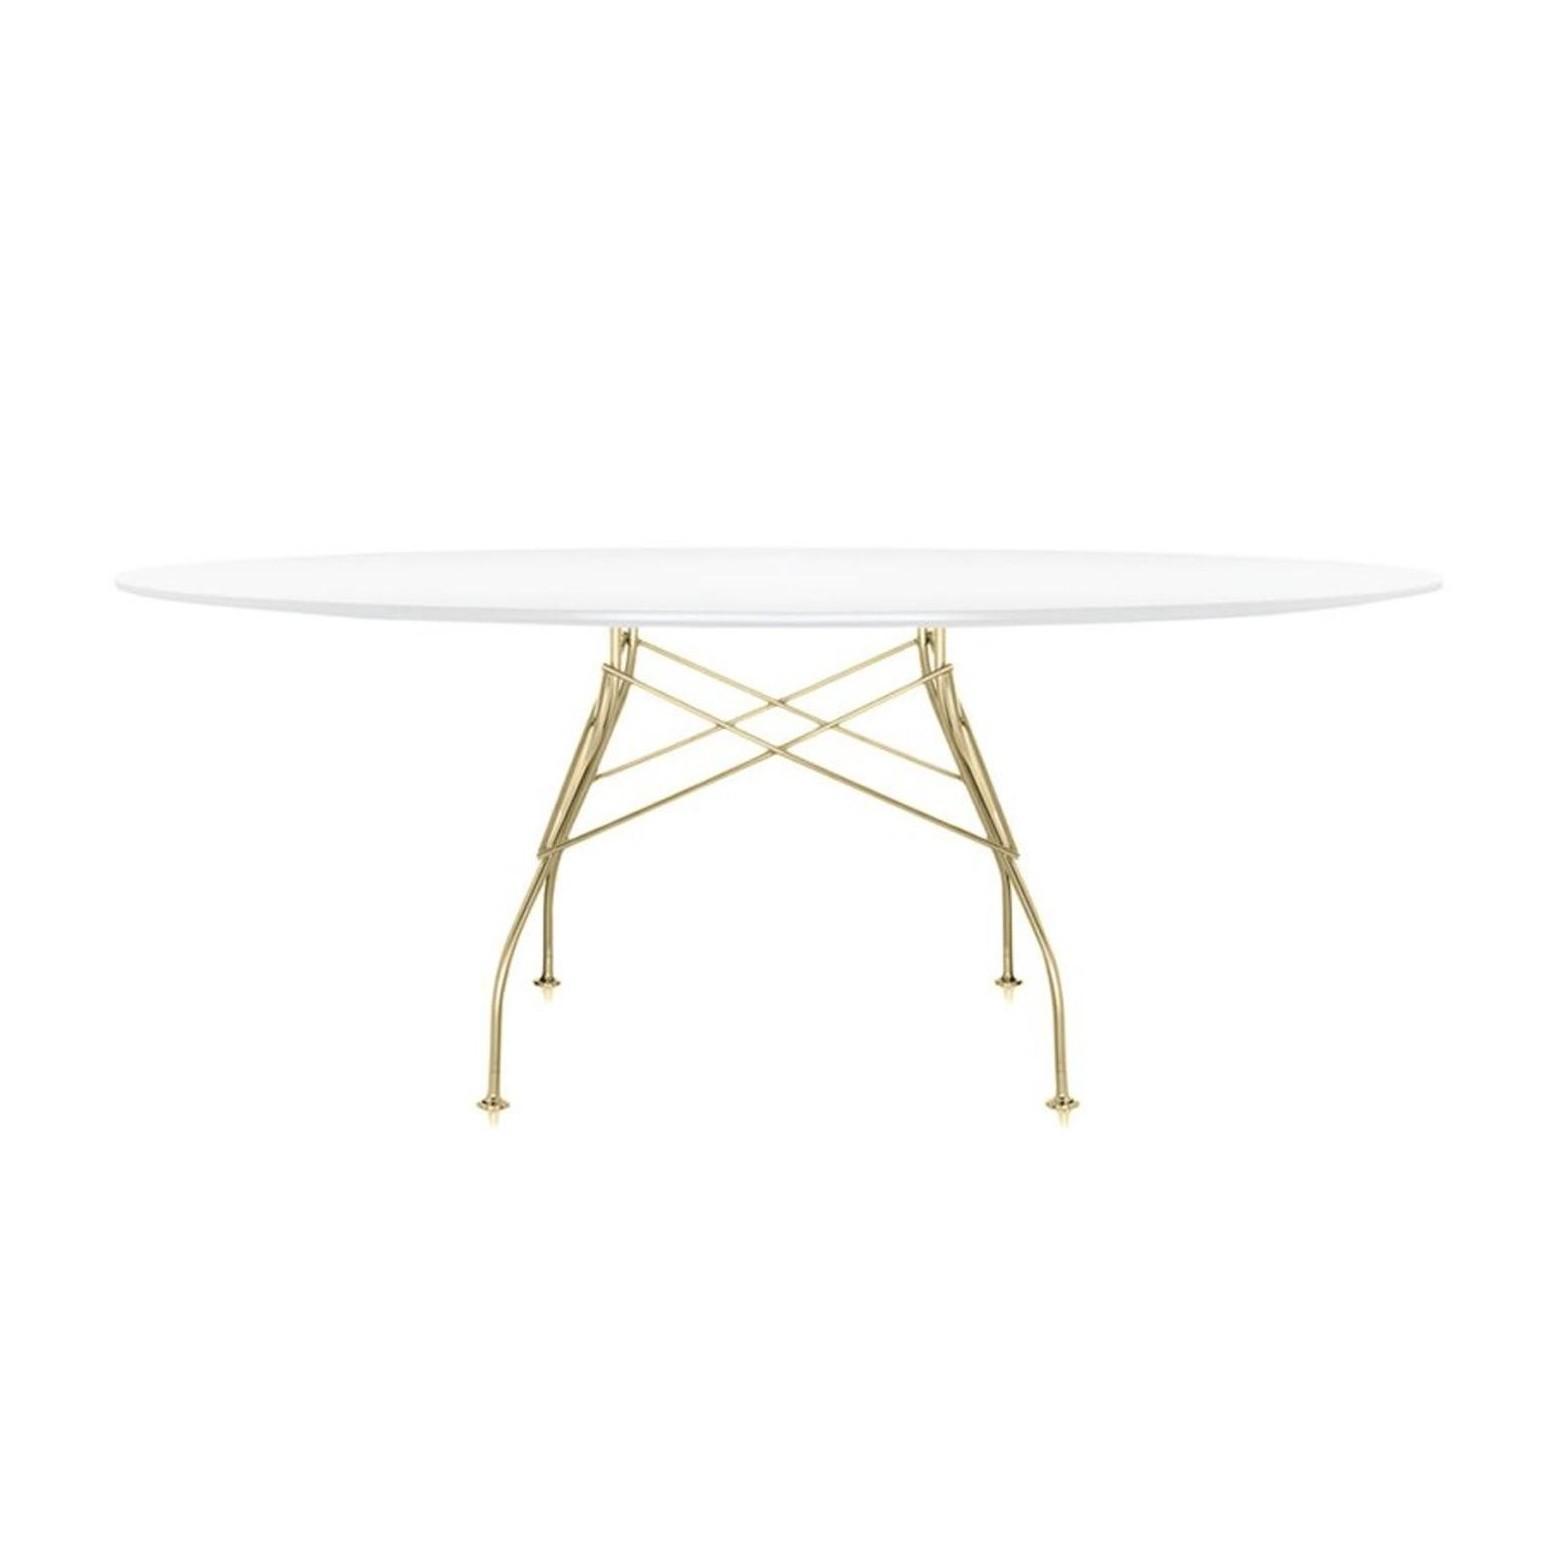 Full Size of Kartell Glossy Tisch Oval Gestell Gold Ambientedirect Esstische Massivholz Ausziehbarer Esstisch Bad Hängeschrank Weiß Hochglanz Eiche Weiße Küche Massiv Esstische Esstisch Oval Weiß